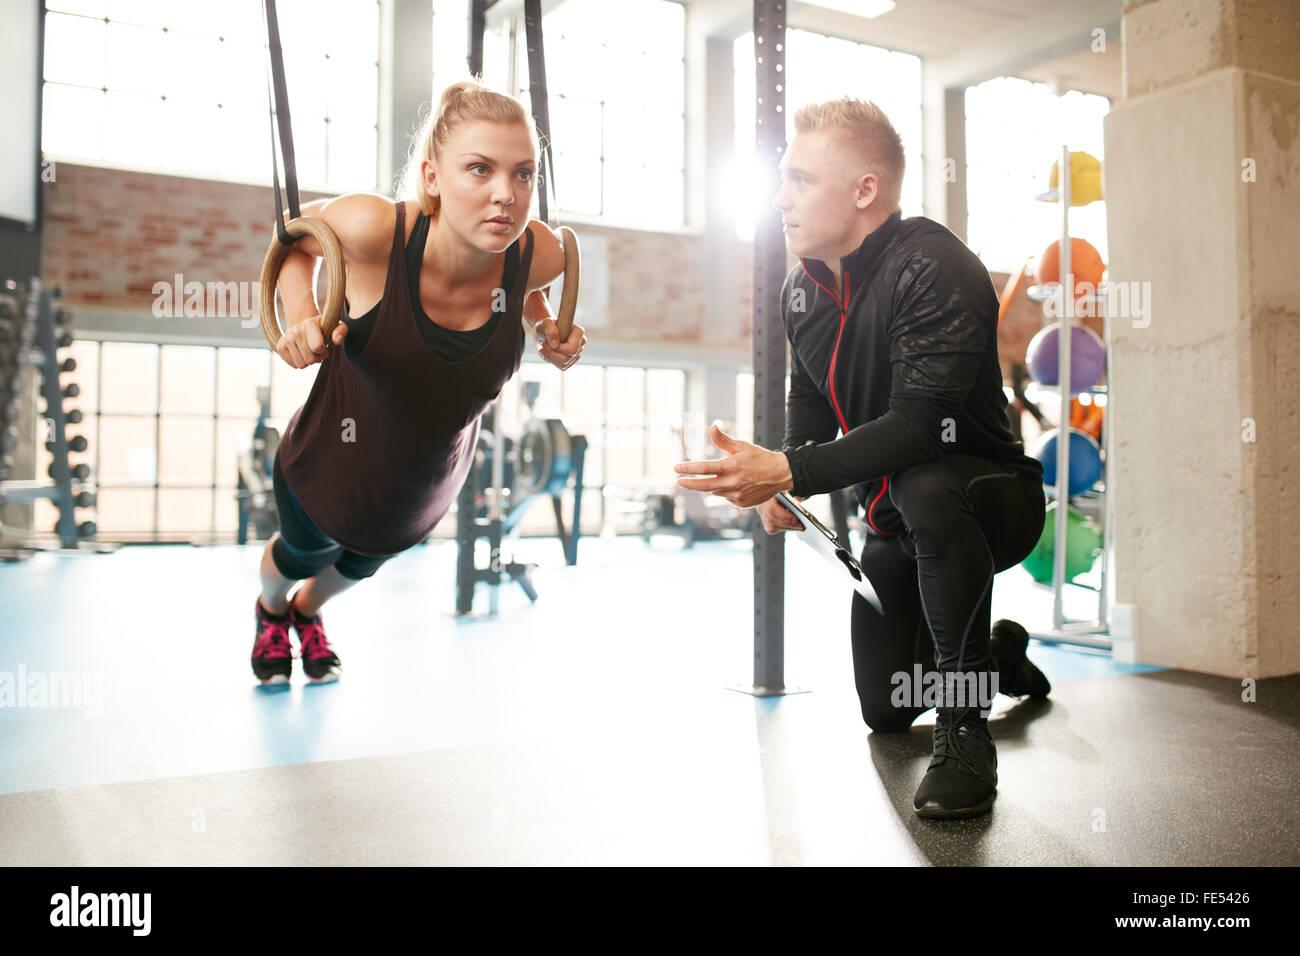 Mujer joven está haciendo ejercicios con la ayuda de un entrenador personal en un gimnasio moderno. Trabajo Imagen De Stock